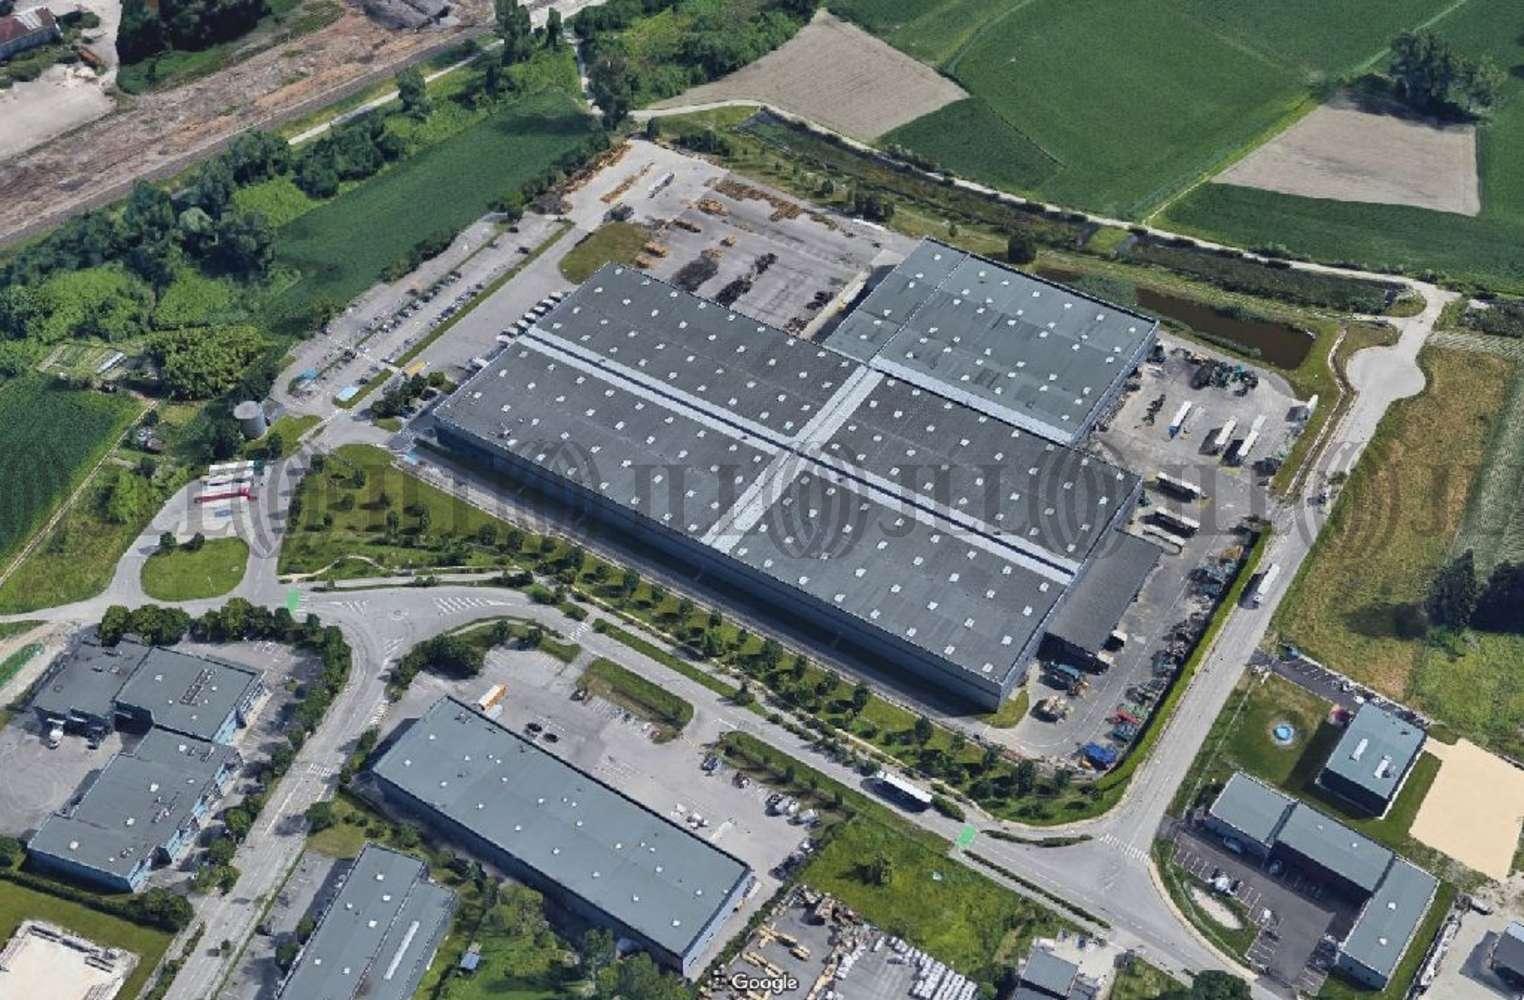 Plateformes logistiques Le versoud, 38420 - Achat / Location entrepot Lyon Est (38) - 9926558